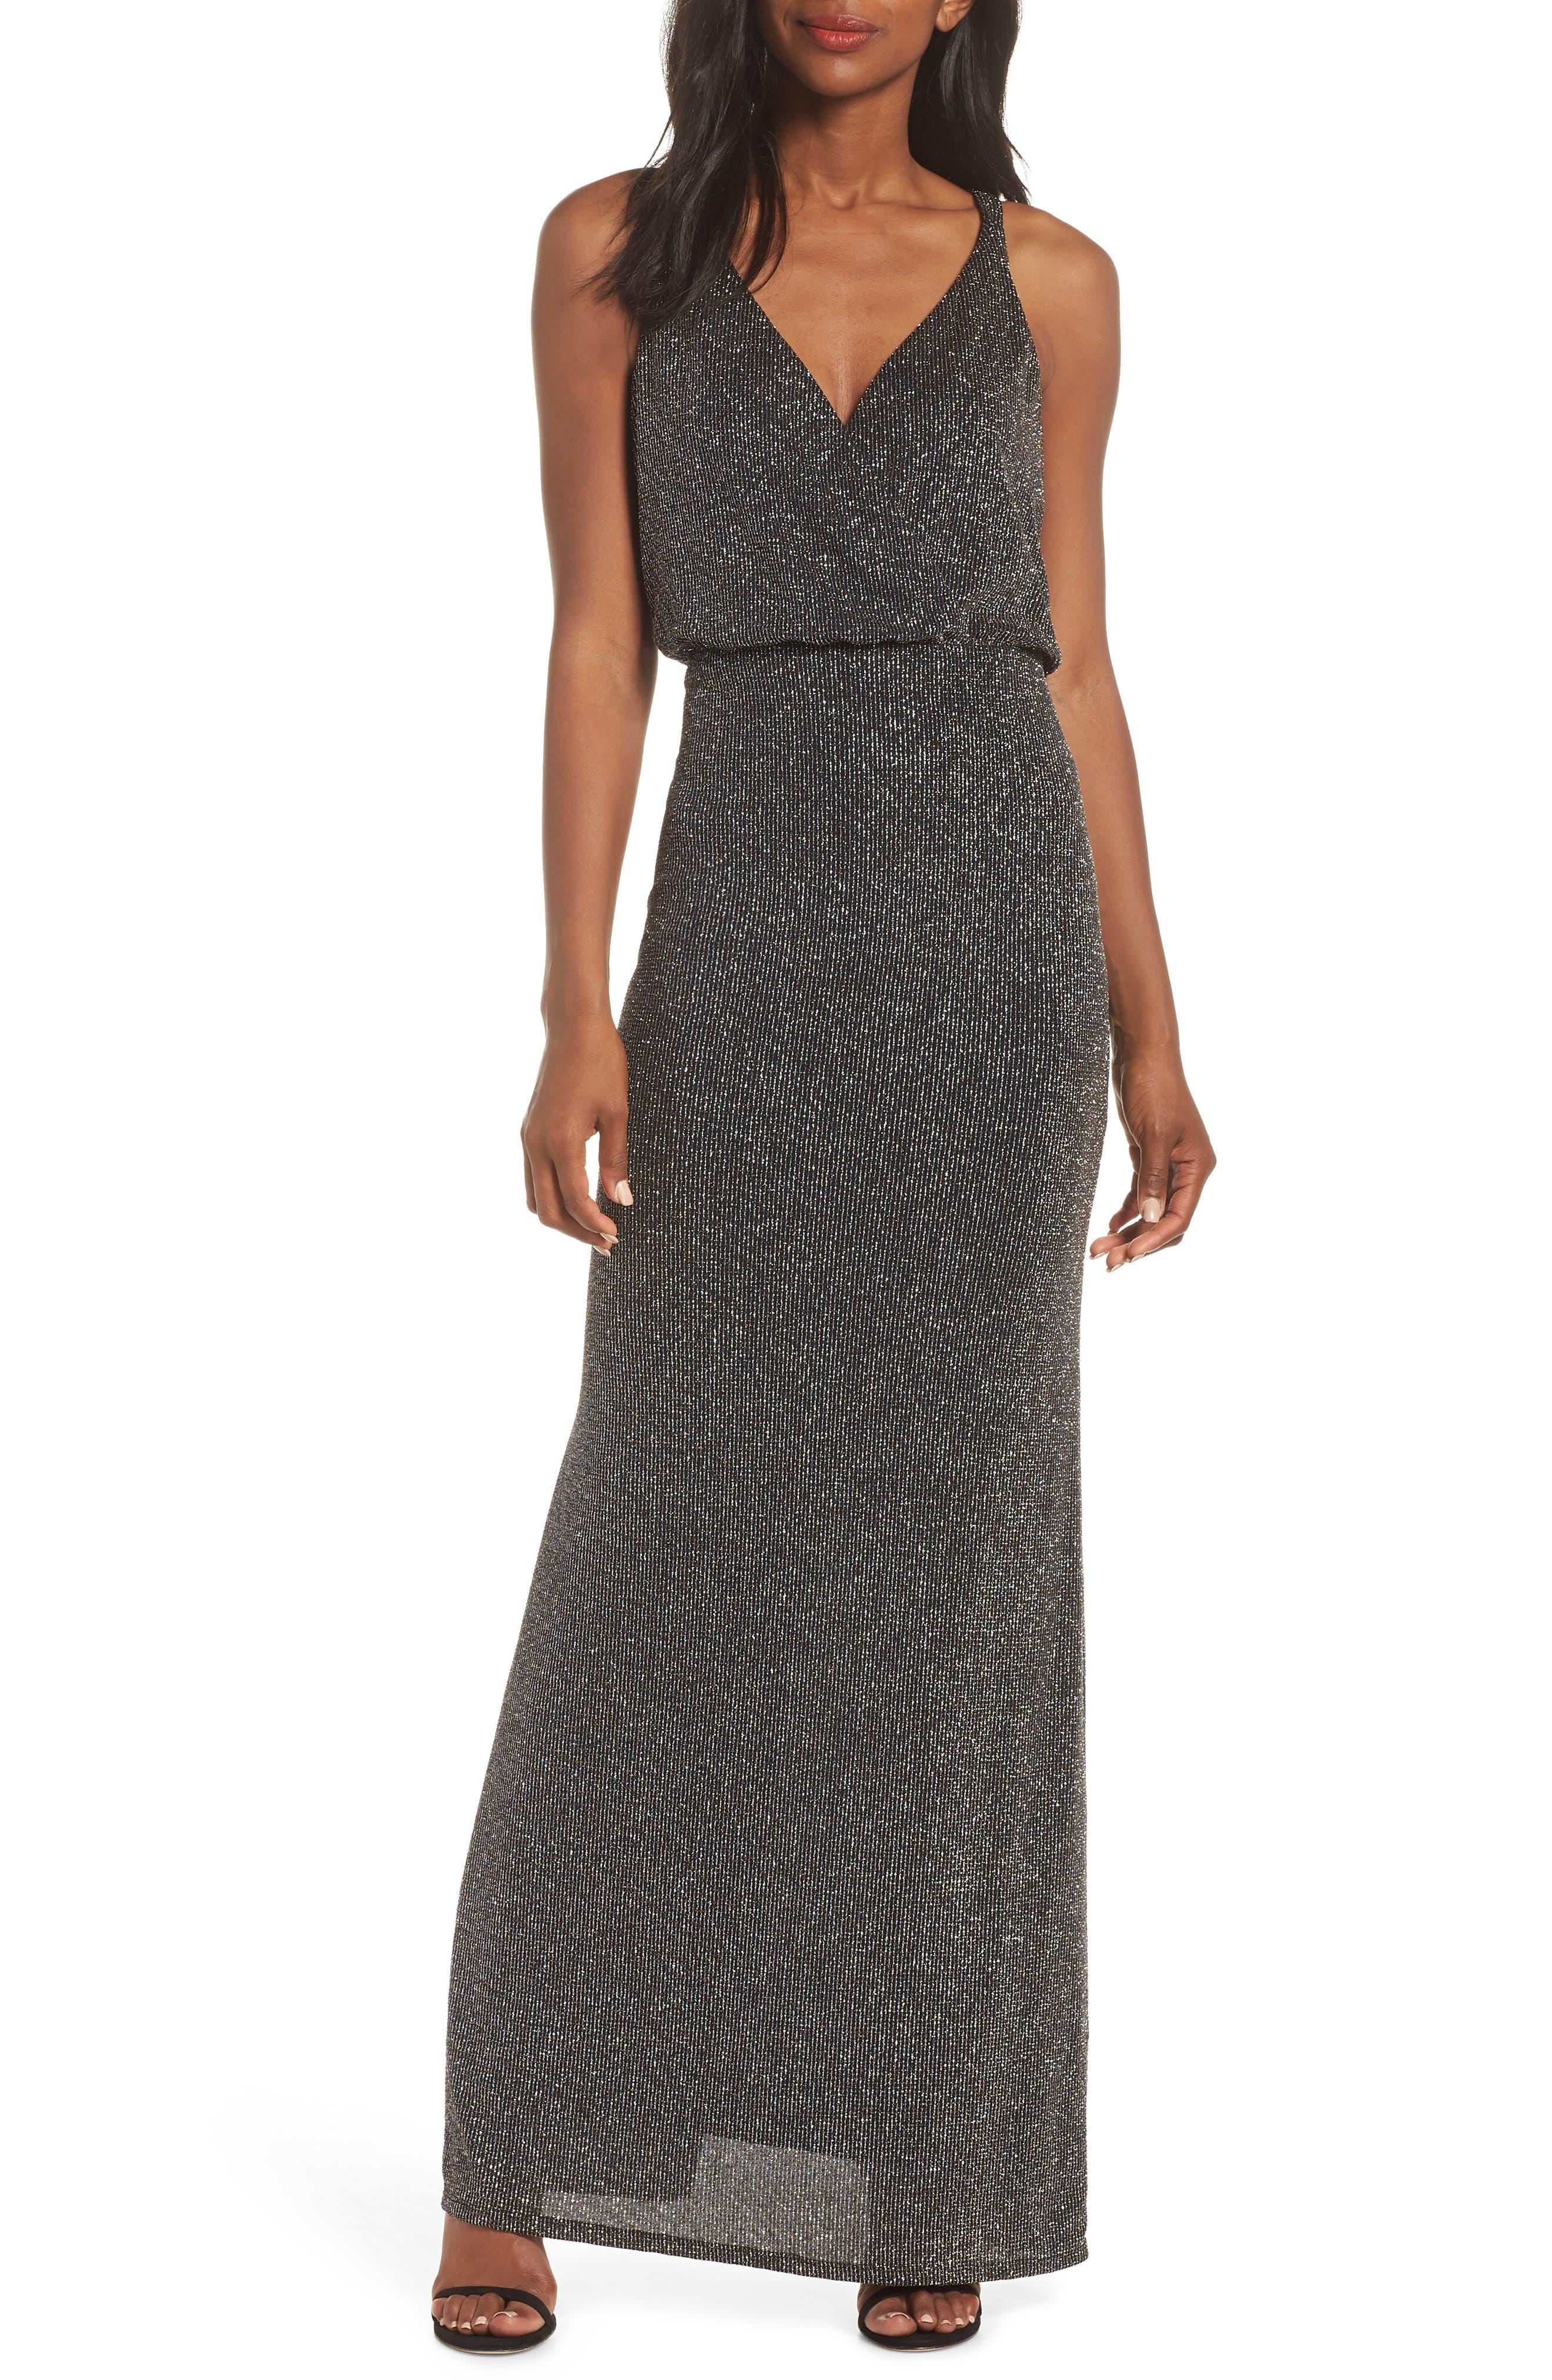 Blouson Gown,                             Main thumbnail 1, color,                             BLACK